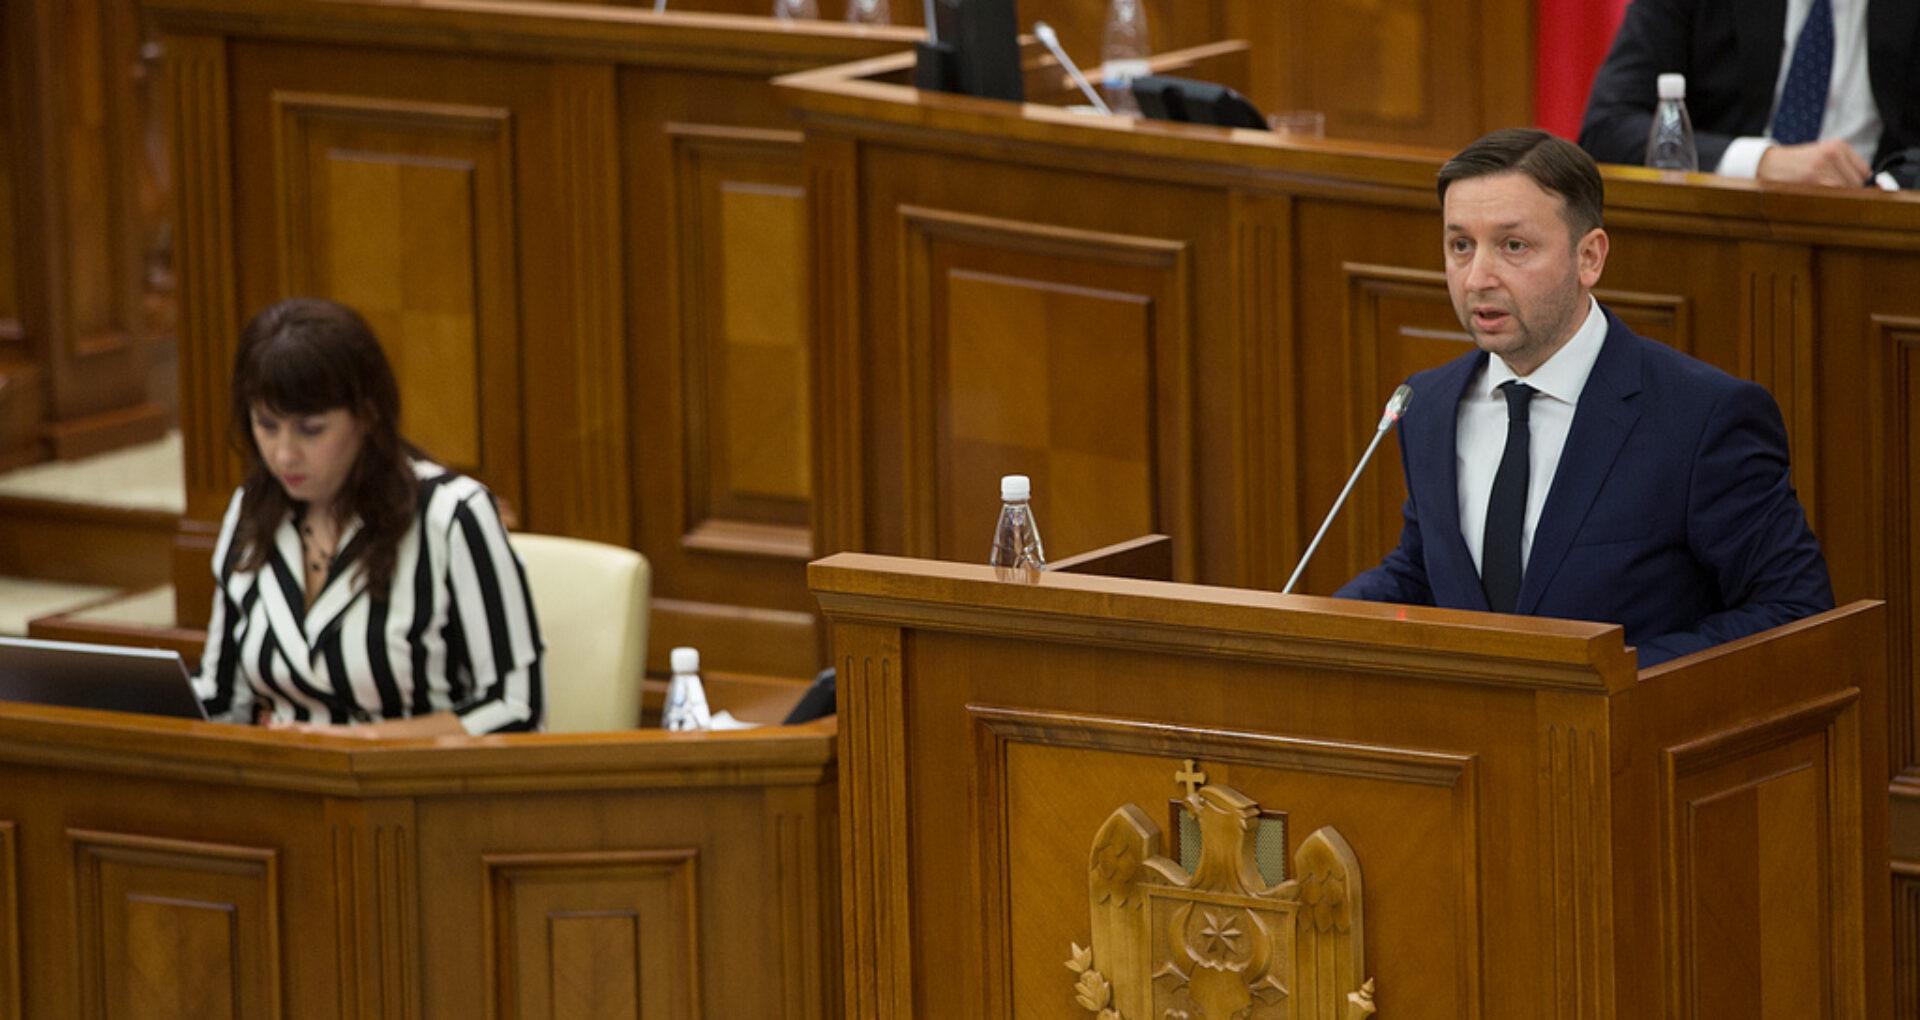 De ce Guvernul a așteptat nouă luni pentru a-l numi pe Reșetnicov judecător constituțional